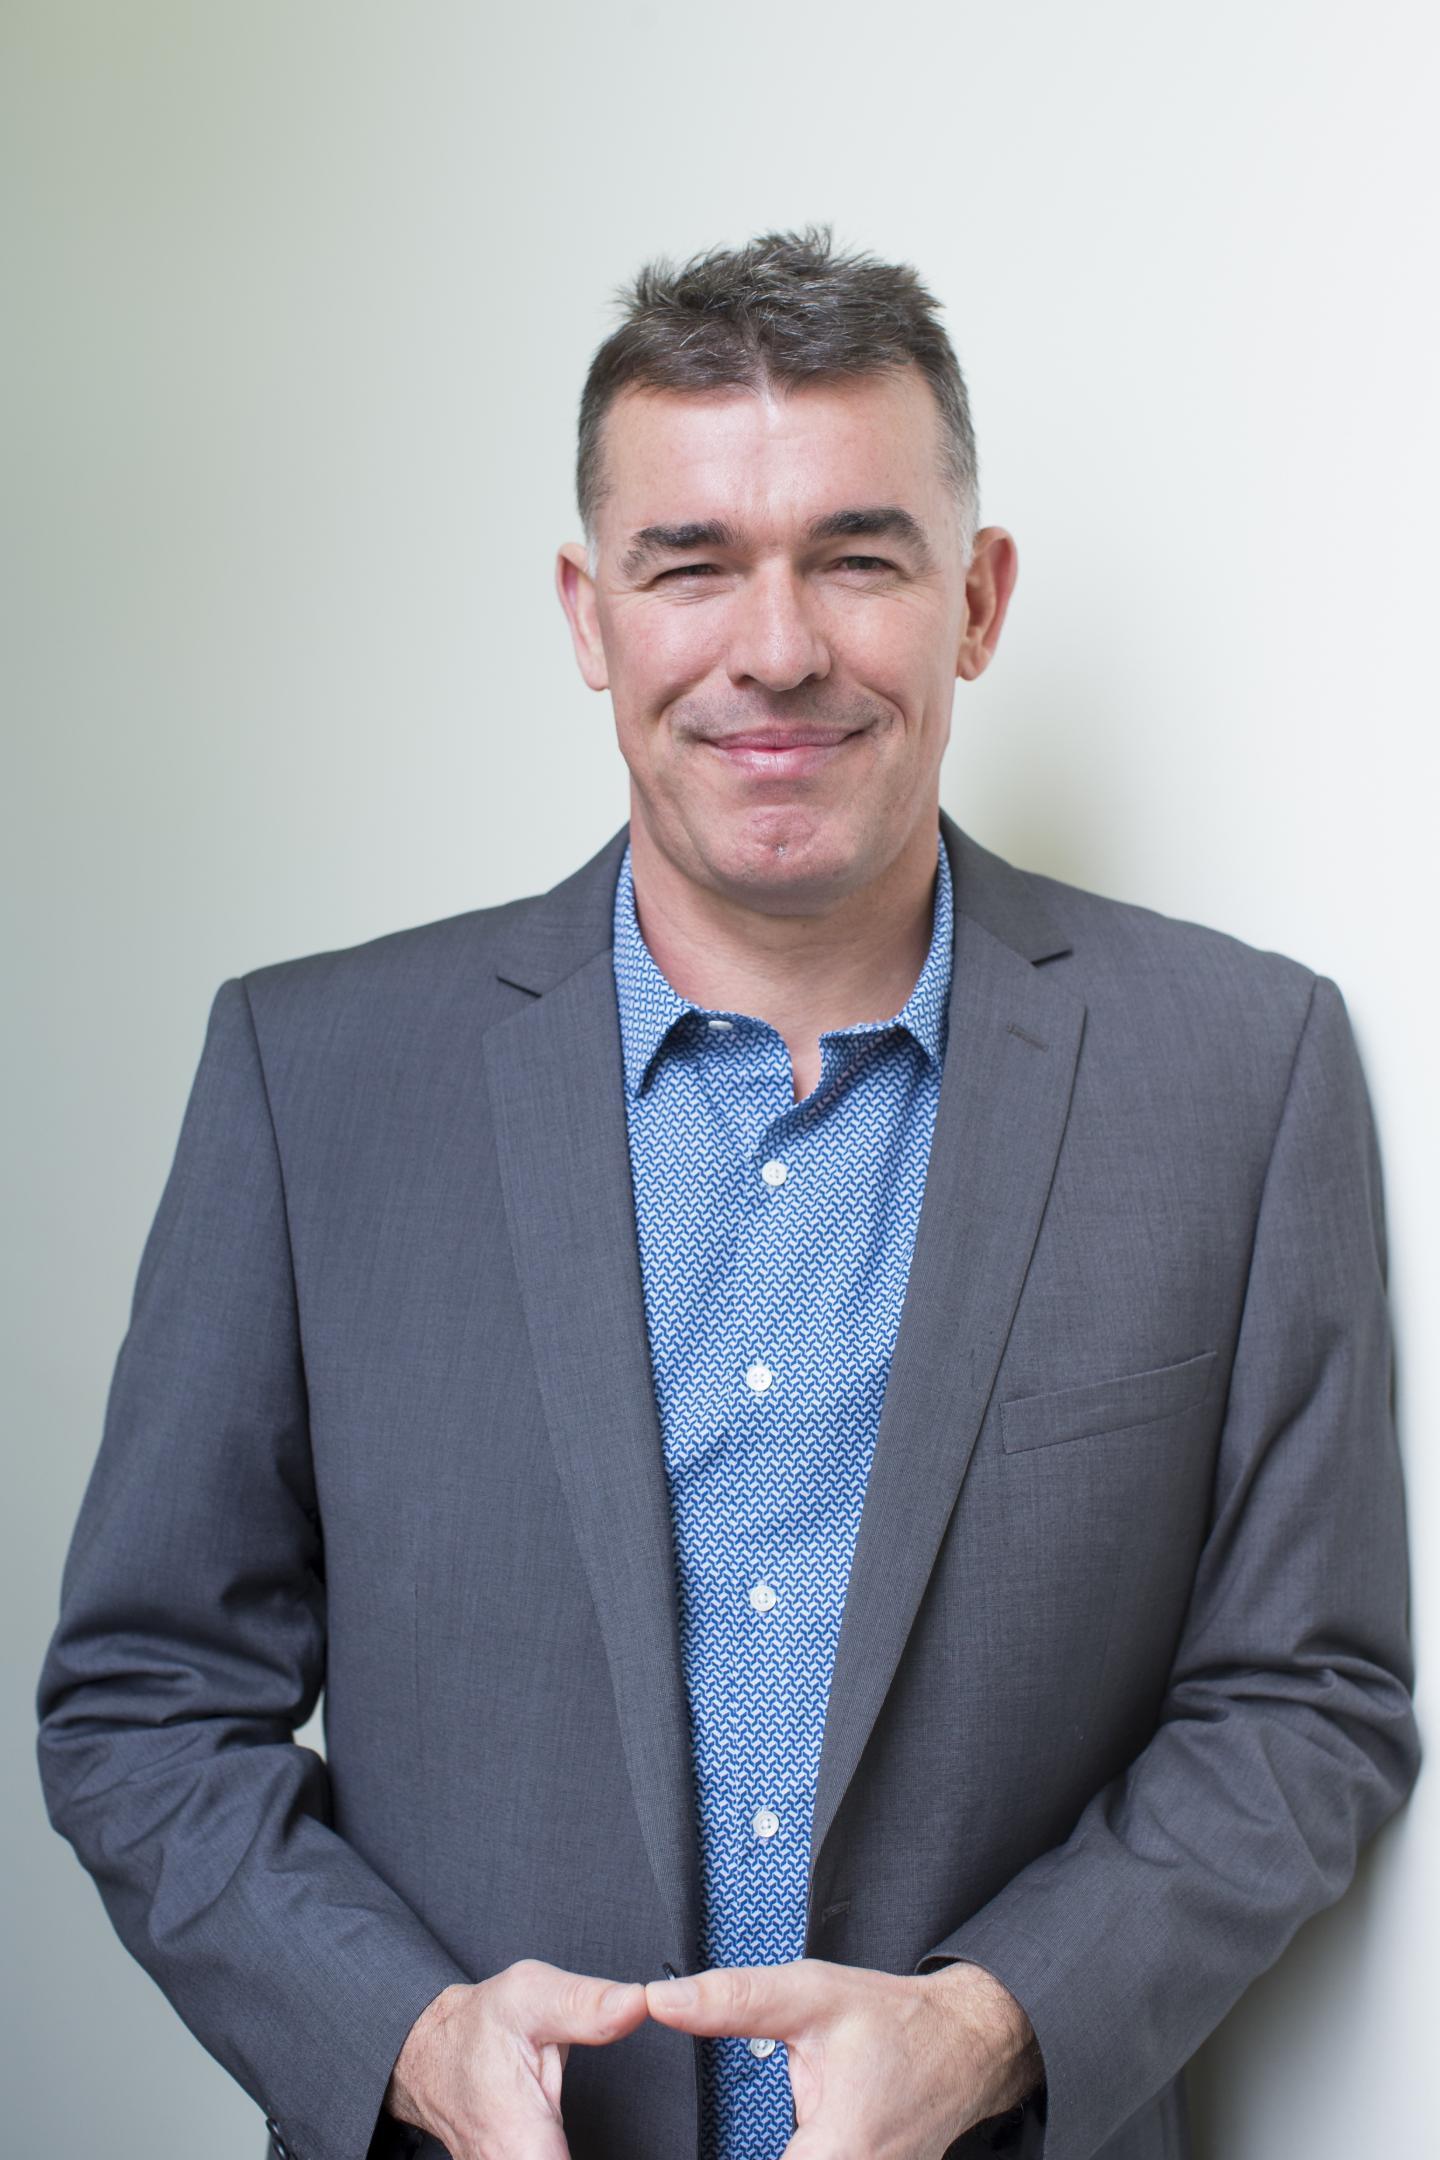 Professor Iain McGregor